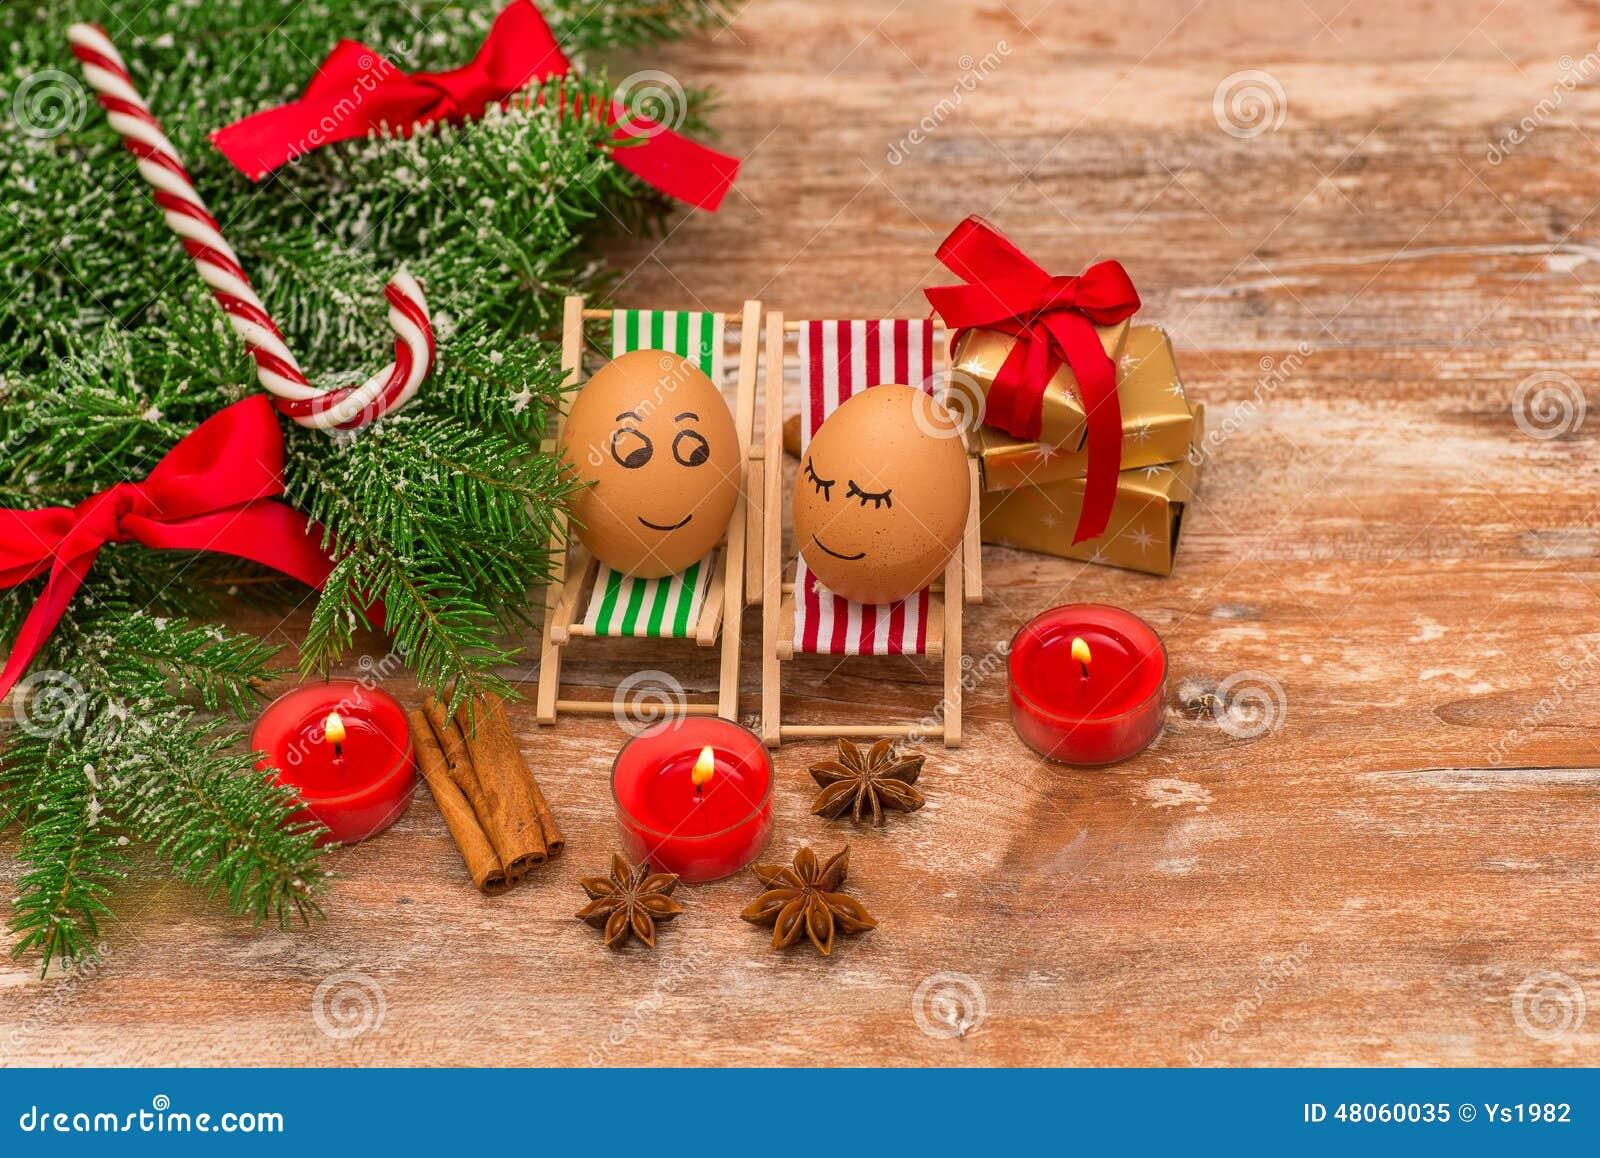 lustige eier weihnachten mandarine geschenk und kerzen stockbild bild 48060035. Black Bedroom Furniture Sets. Home Design Ideas